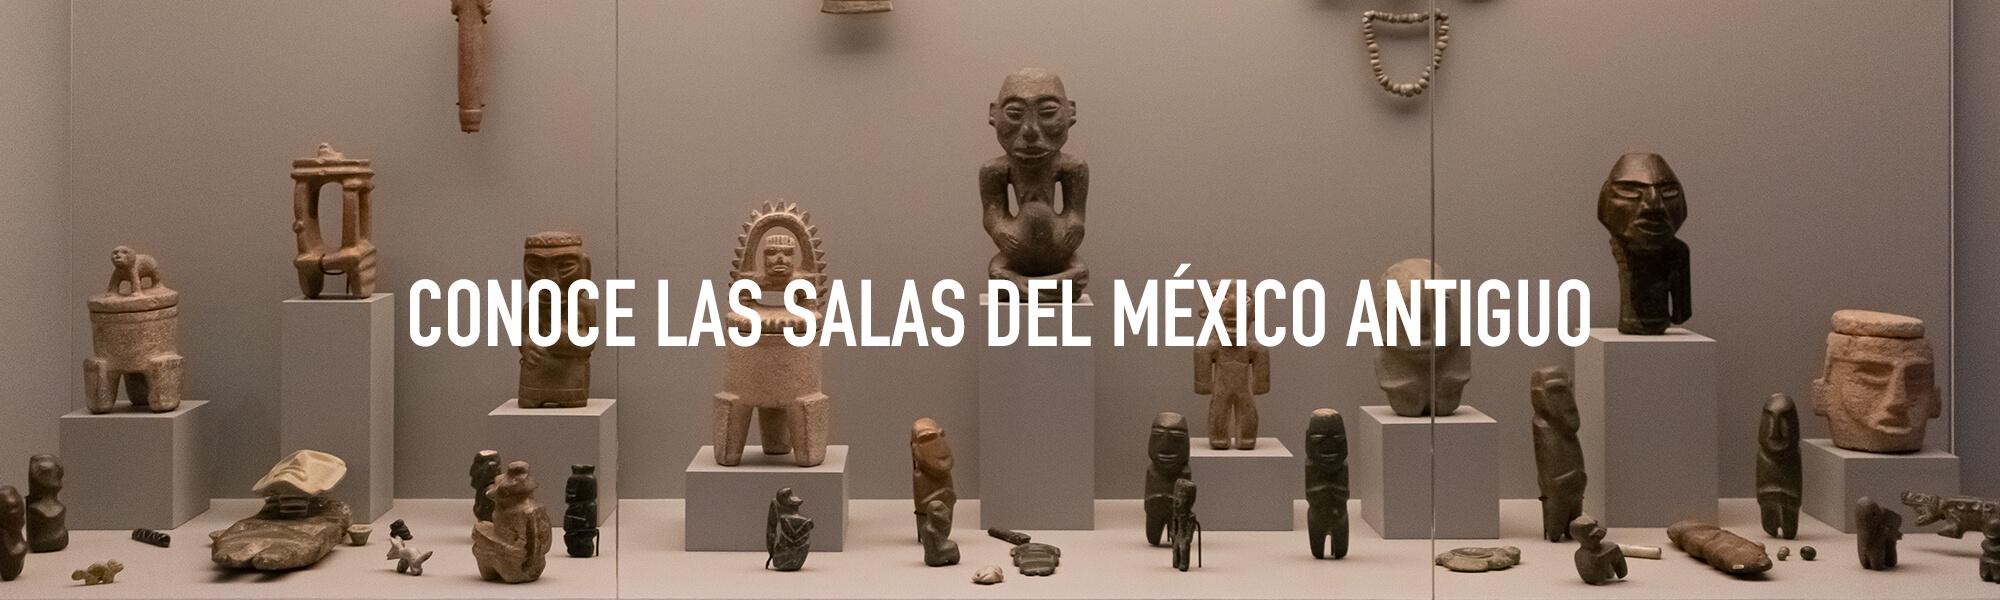 Recorrido virtual por las Salas del México antiguo | Museo Amparo, Puebla.